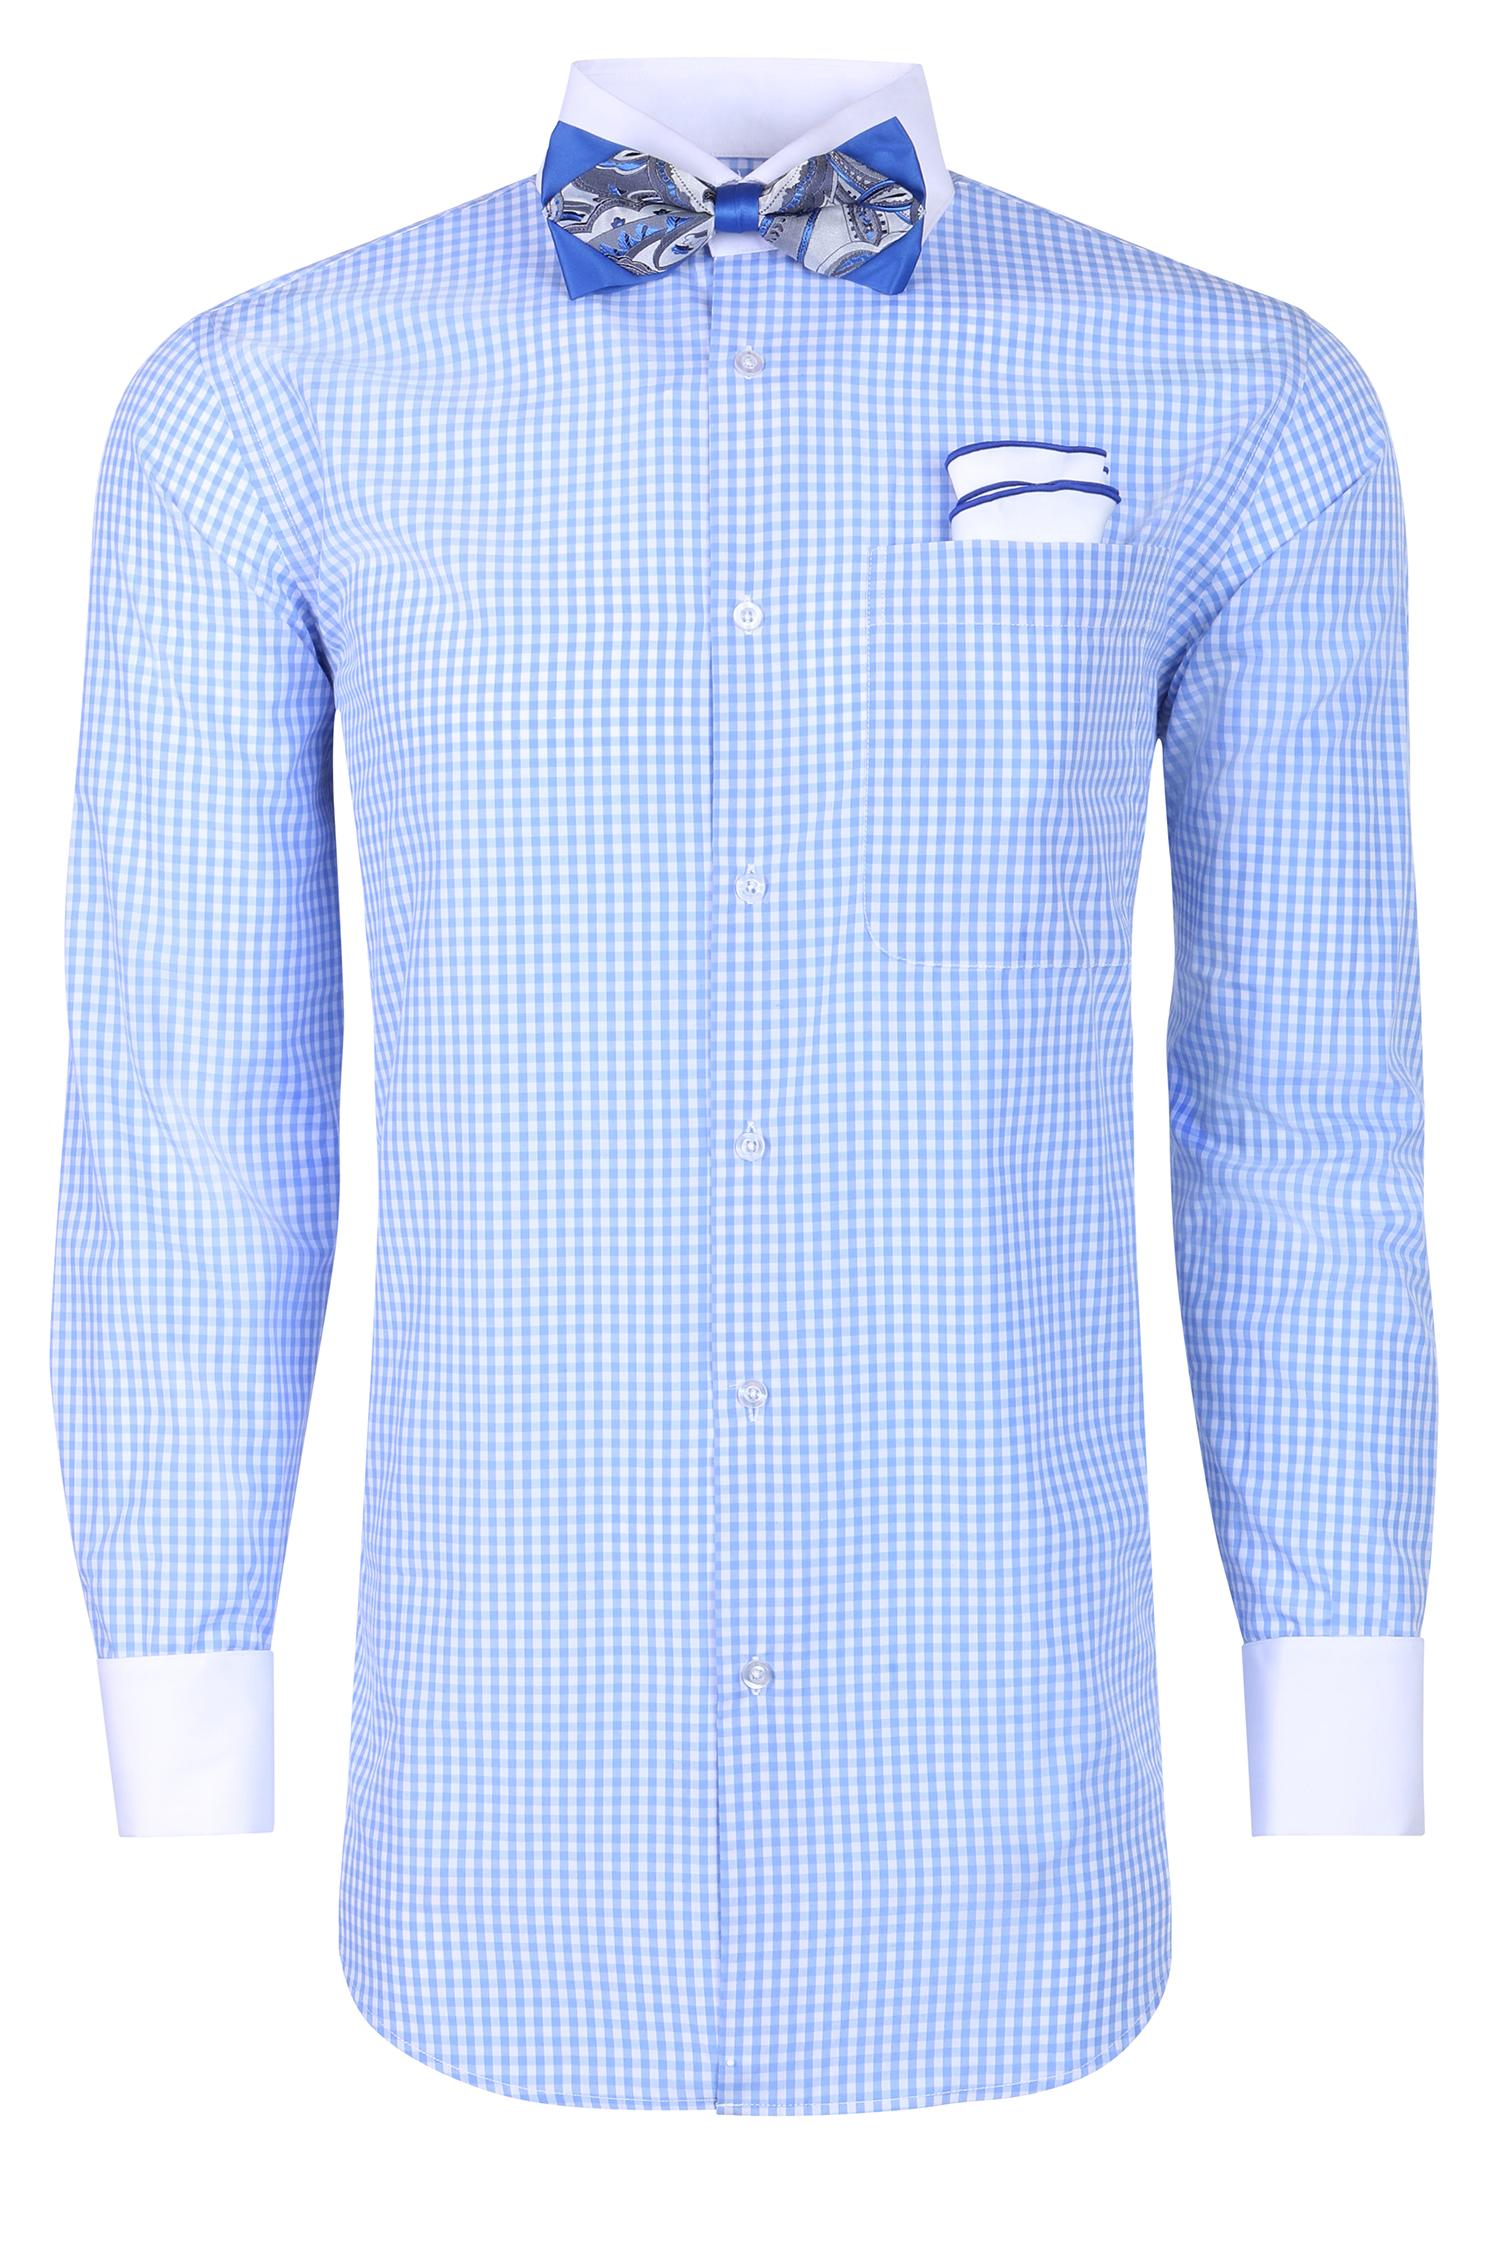 FL628Ginghamshirt-blue-1.jpg